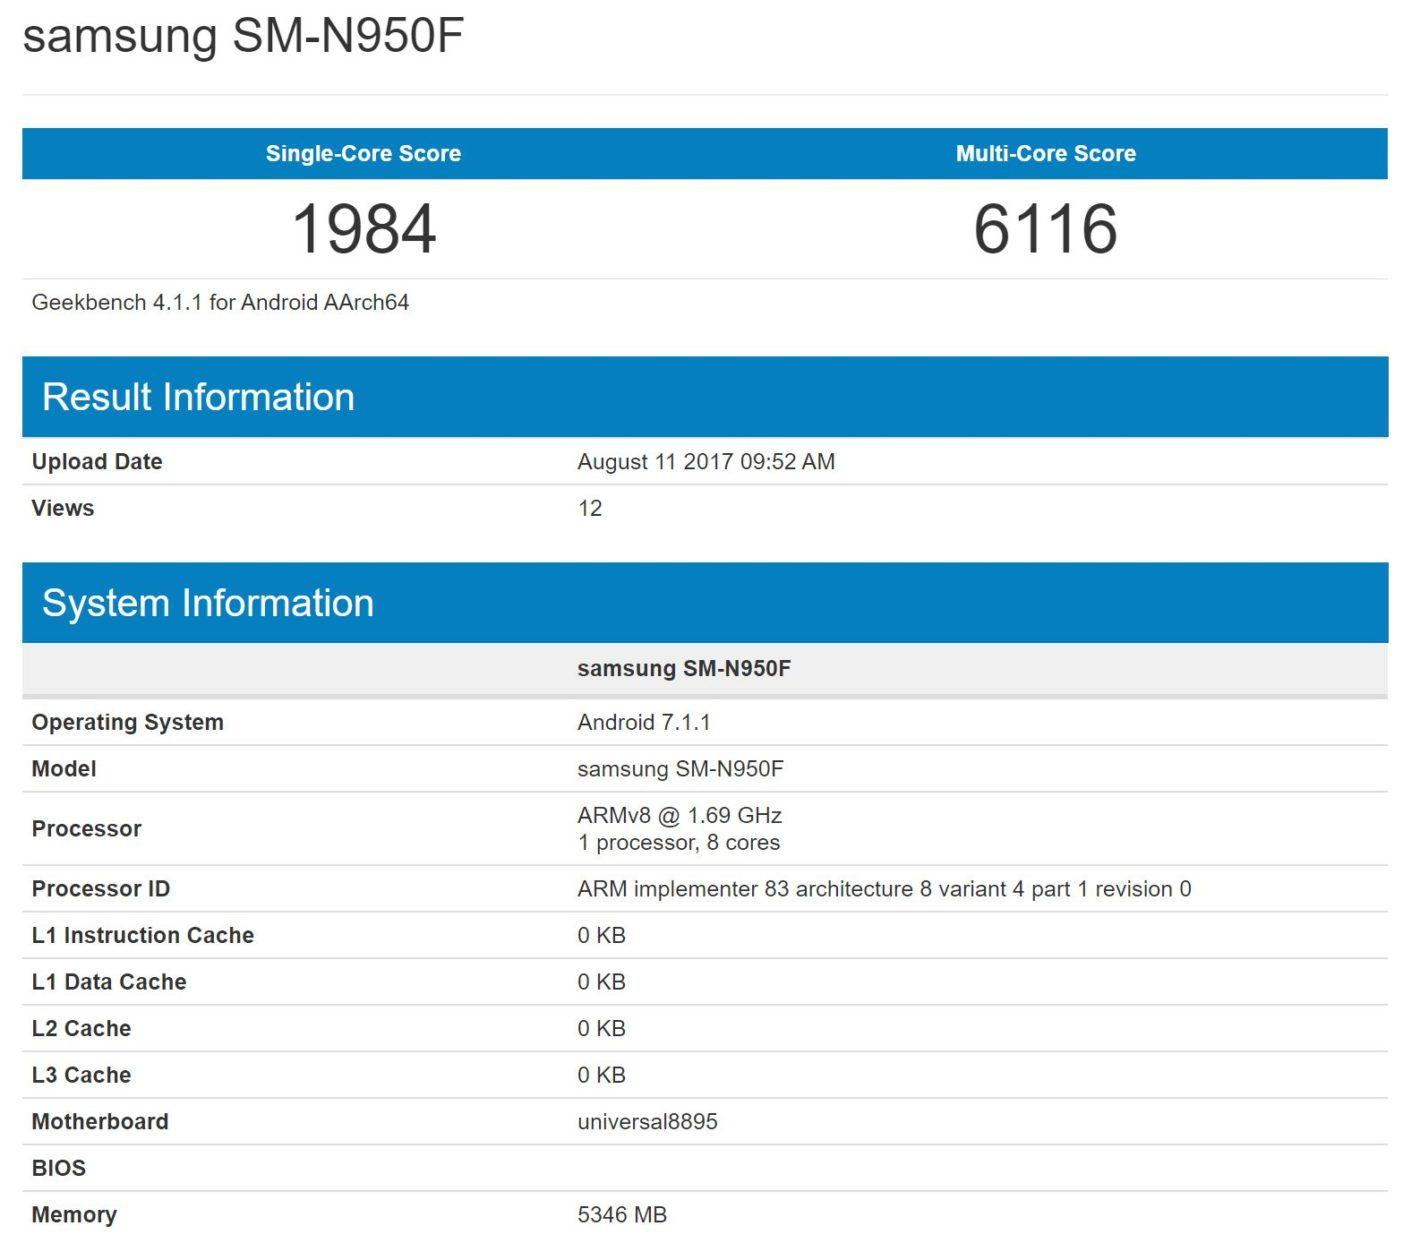 Galaxy Note8 lộ điểm Geekbench, xác nhận sẽ có 6GB RAM hình 2